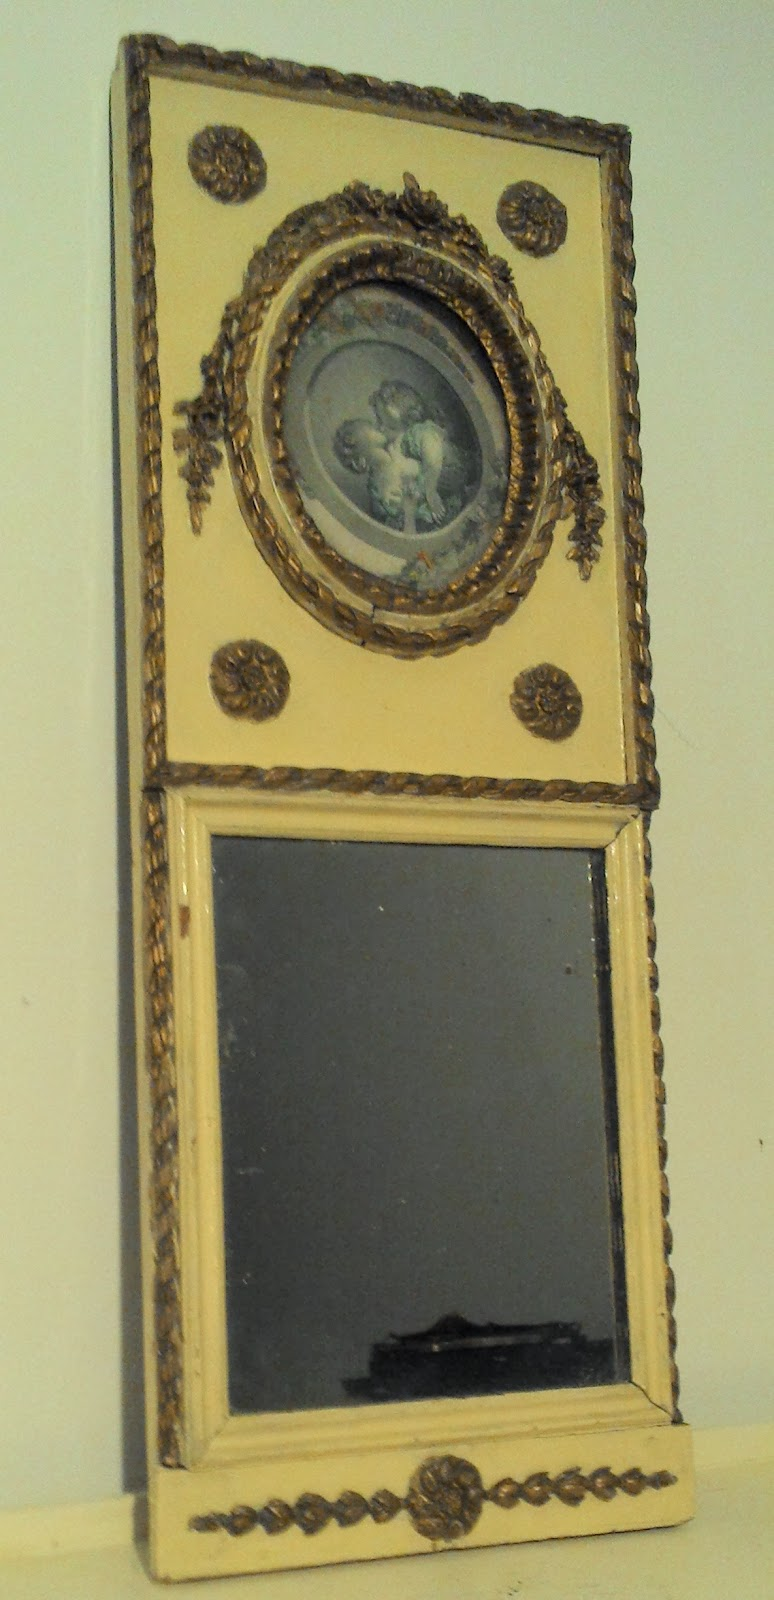 trumeau ancien petit trumeau d co de style louis xvi miroir ebay showroom didoulabrocante. Black Bedroom Furniture Sets. Home Design Ideas